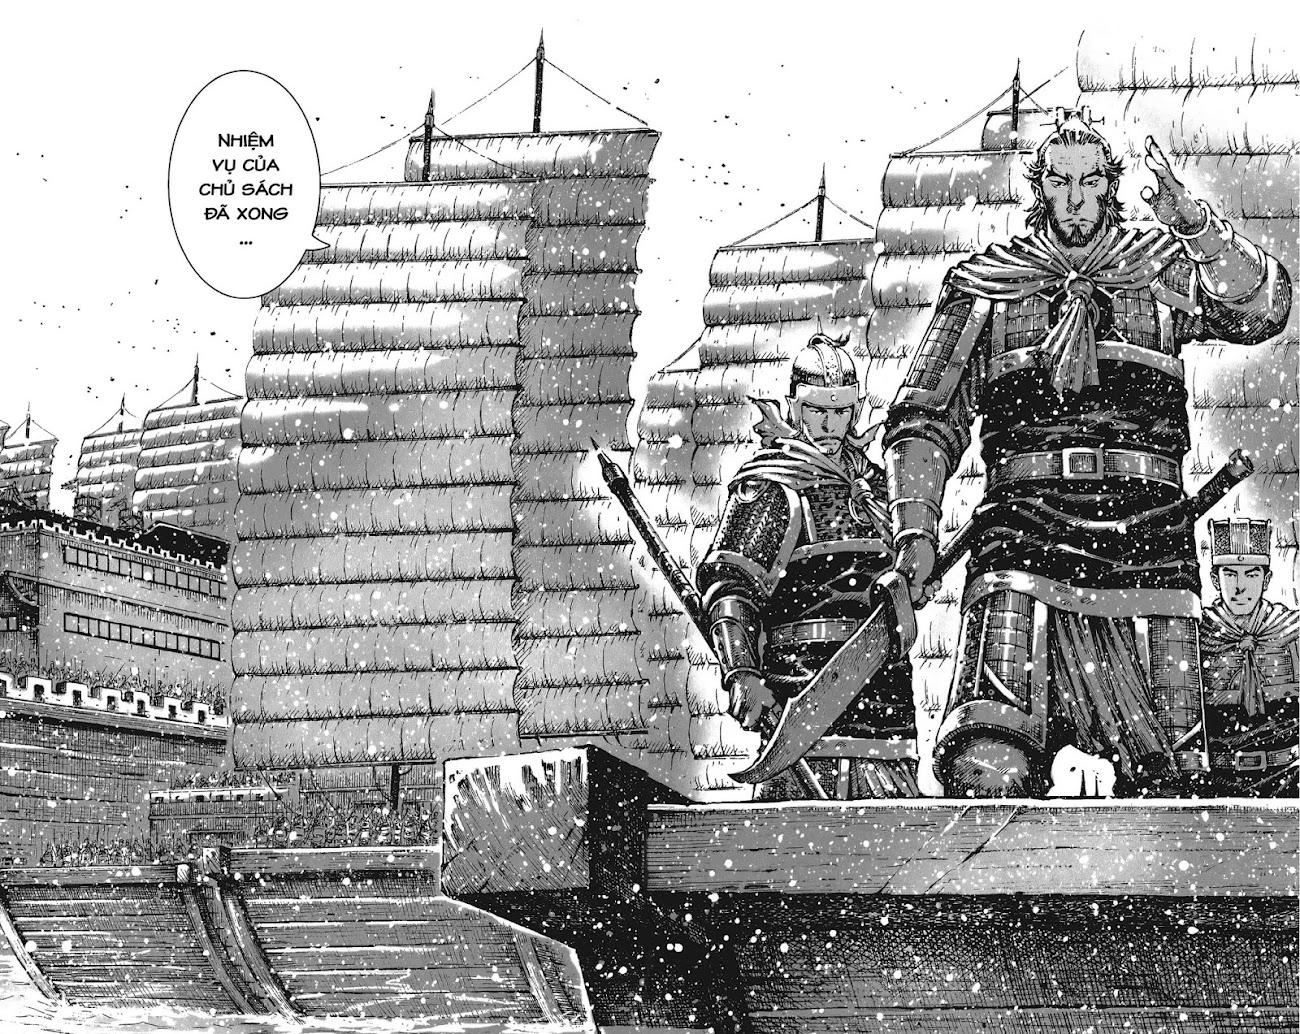 Hỏa phụng liêu nguyên Chương 430: Phát động phó sách [Remake] trang 21